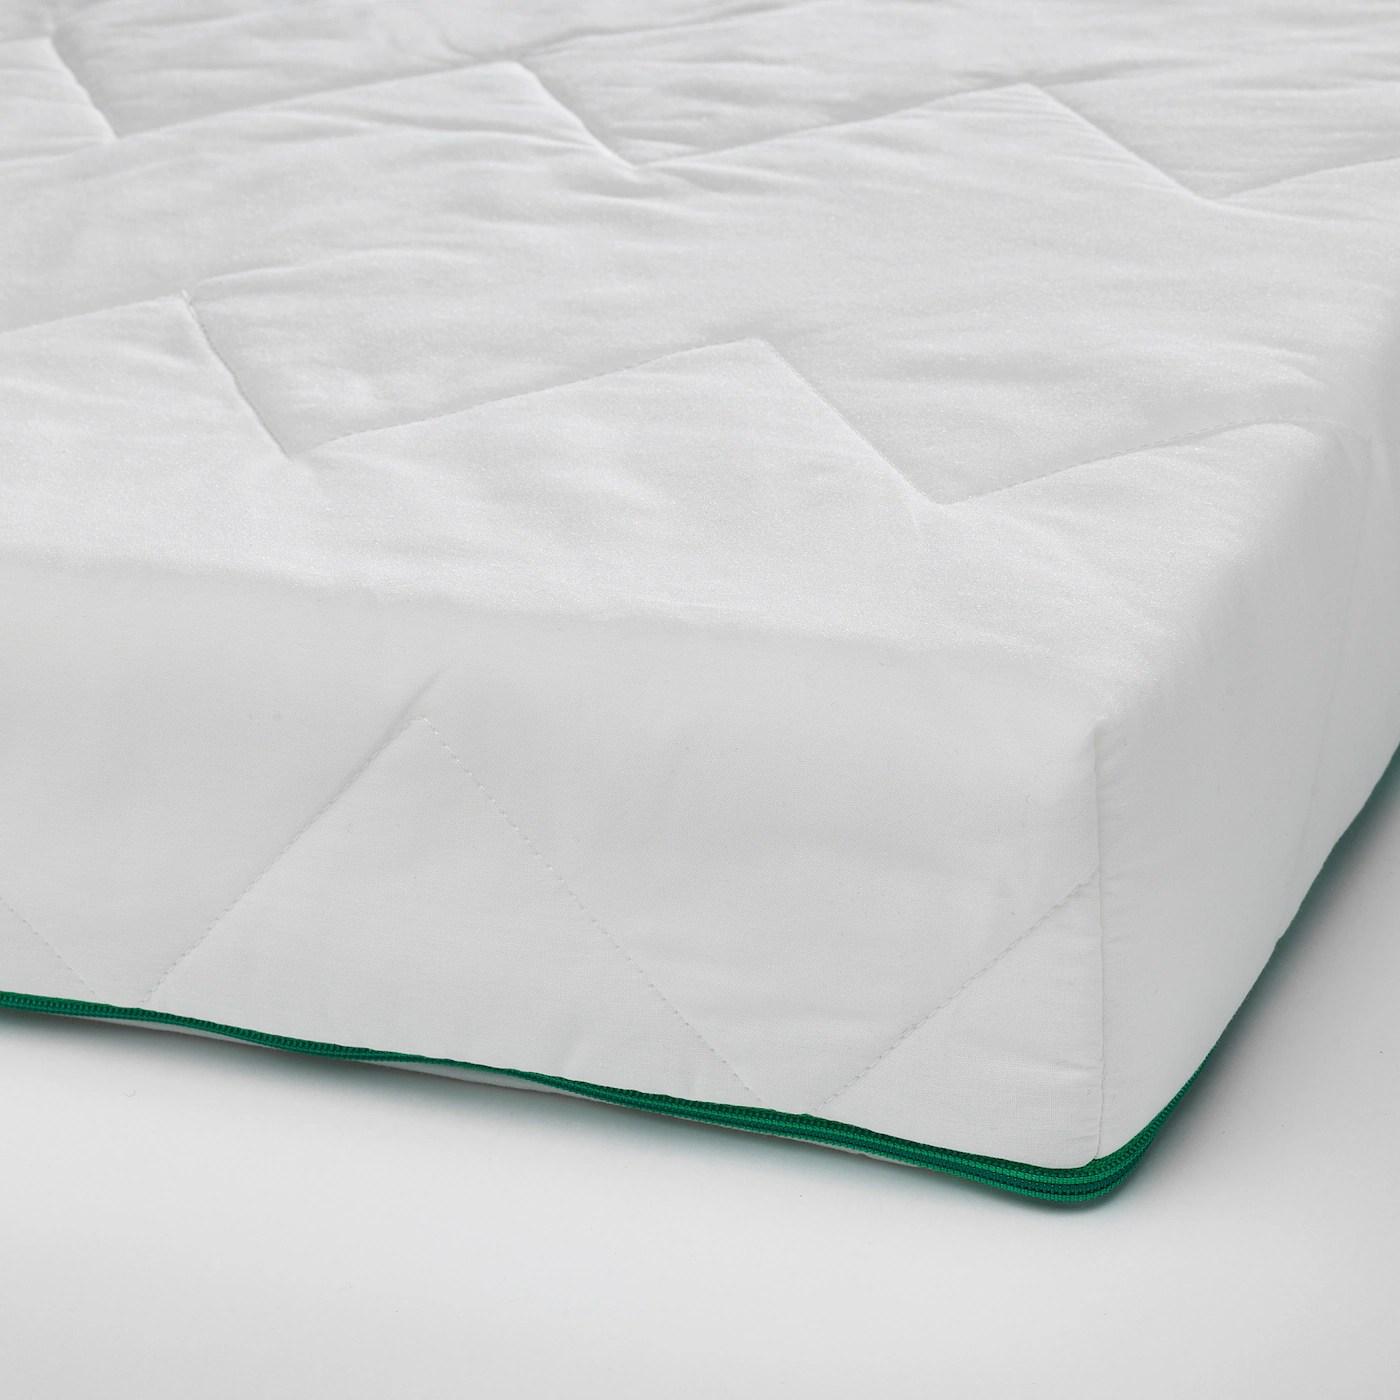 vimsig matelas mousse pour lit extensible 80x200 cm